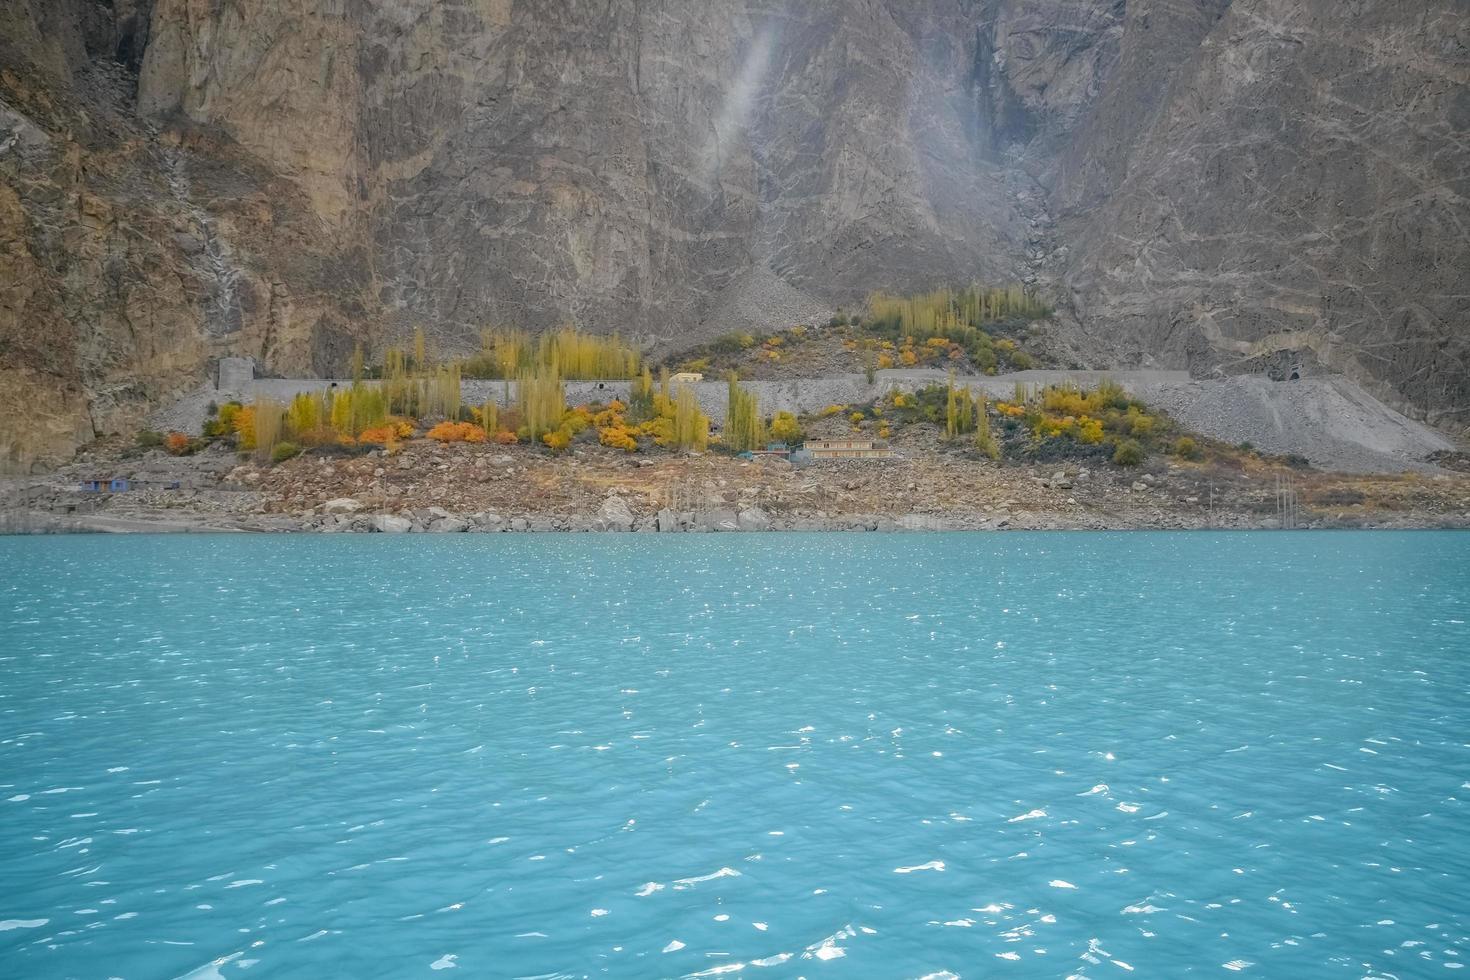 turkoois water van attabad meer foto